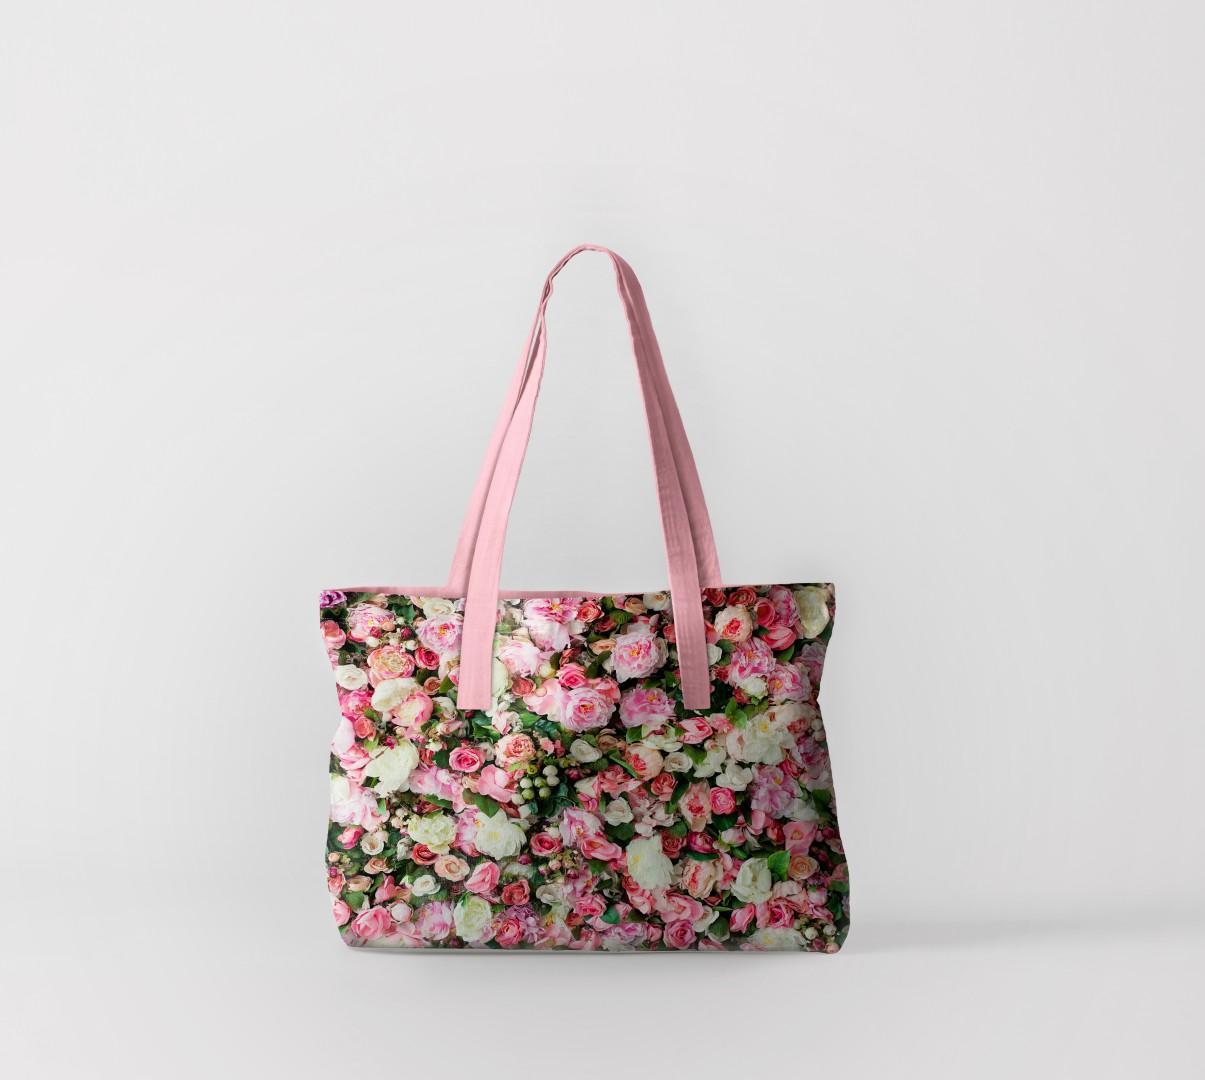 Пляжная сумка Море цветов (50х40 см) Олимп Текстиль oli732581